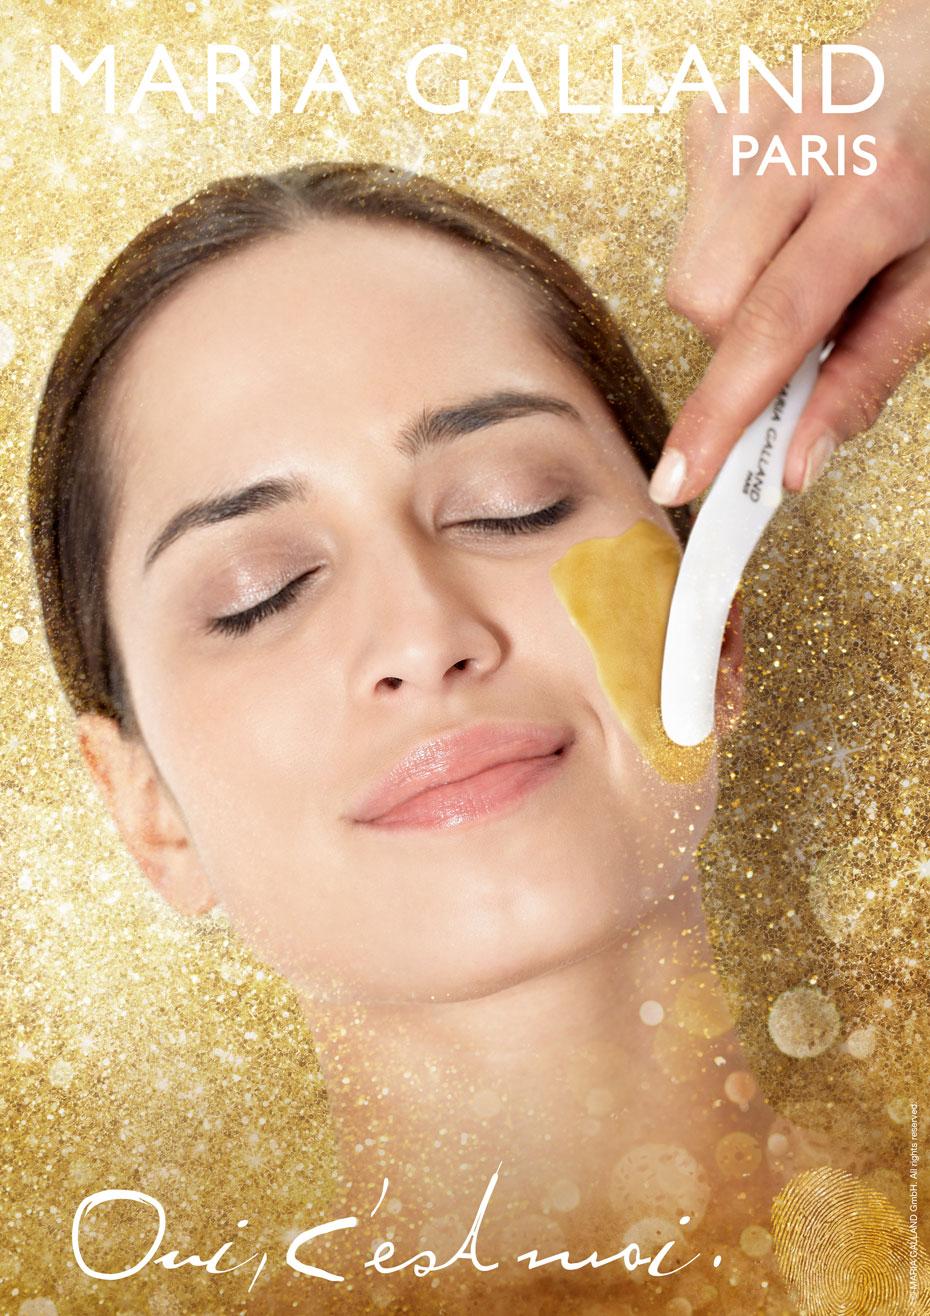 Kosmetik Klagenfurt lavital Haarentfernung mit Laser und HydraFacial